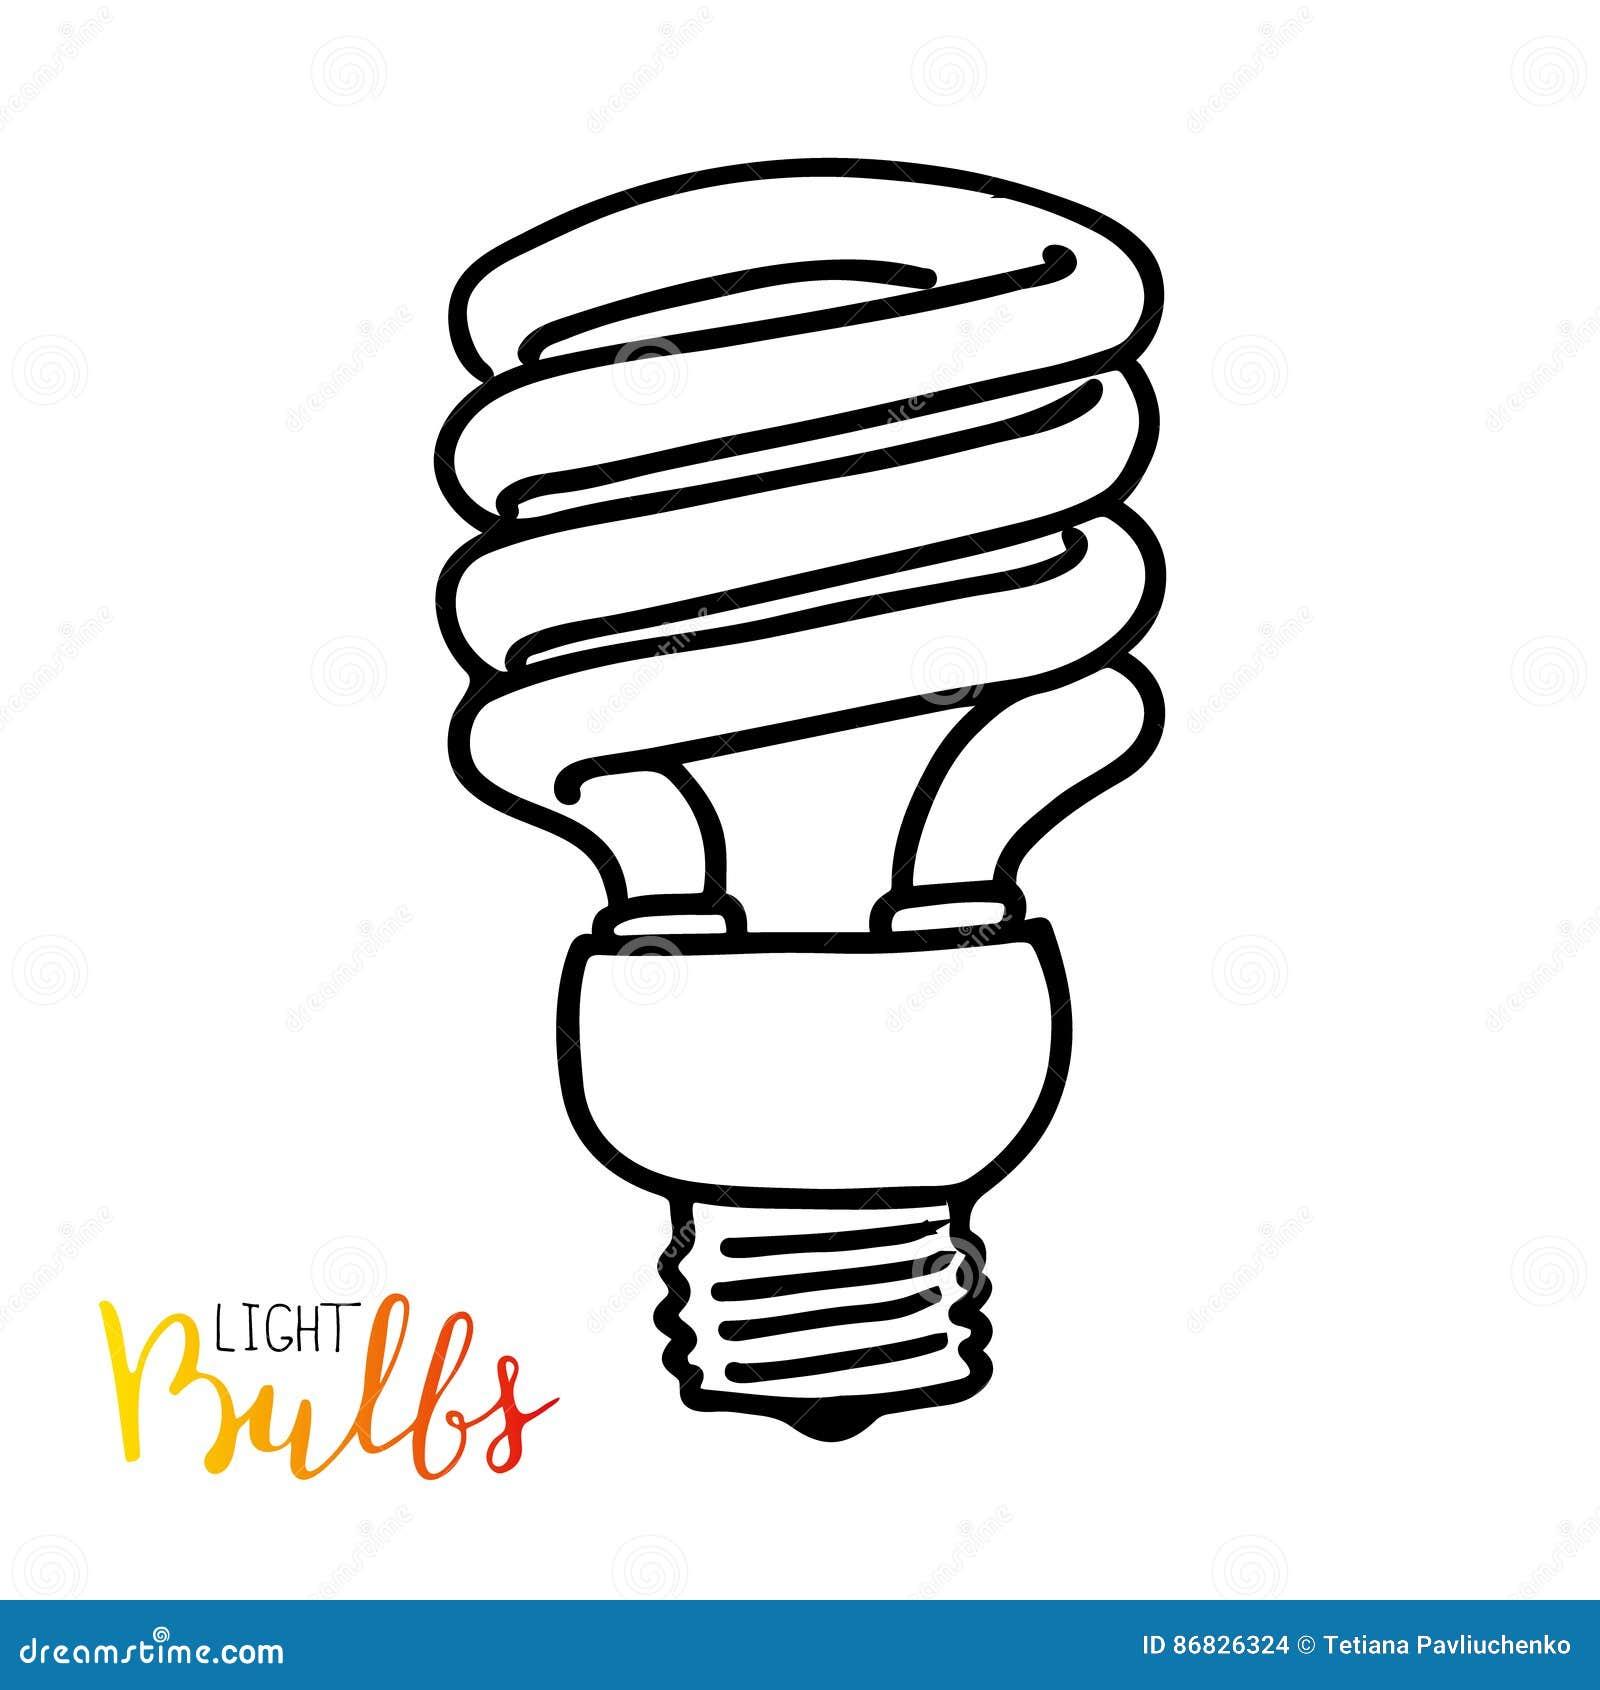 Cfl Bulb Clip